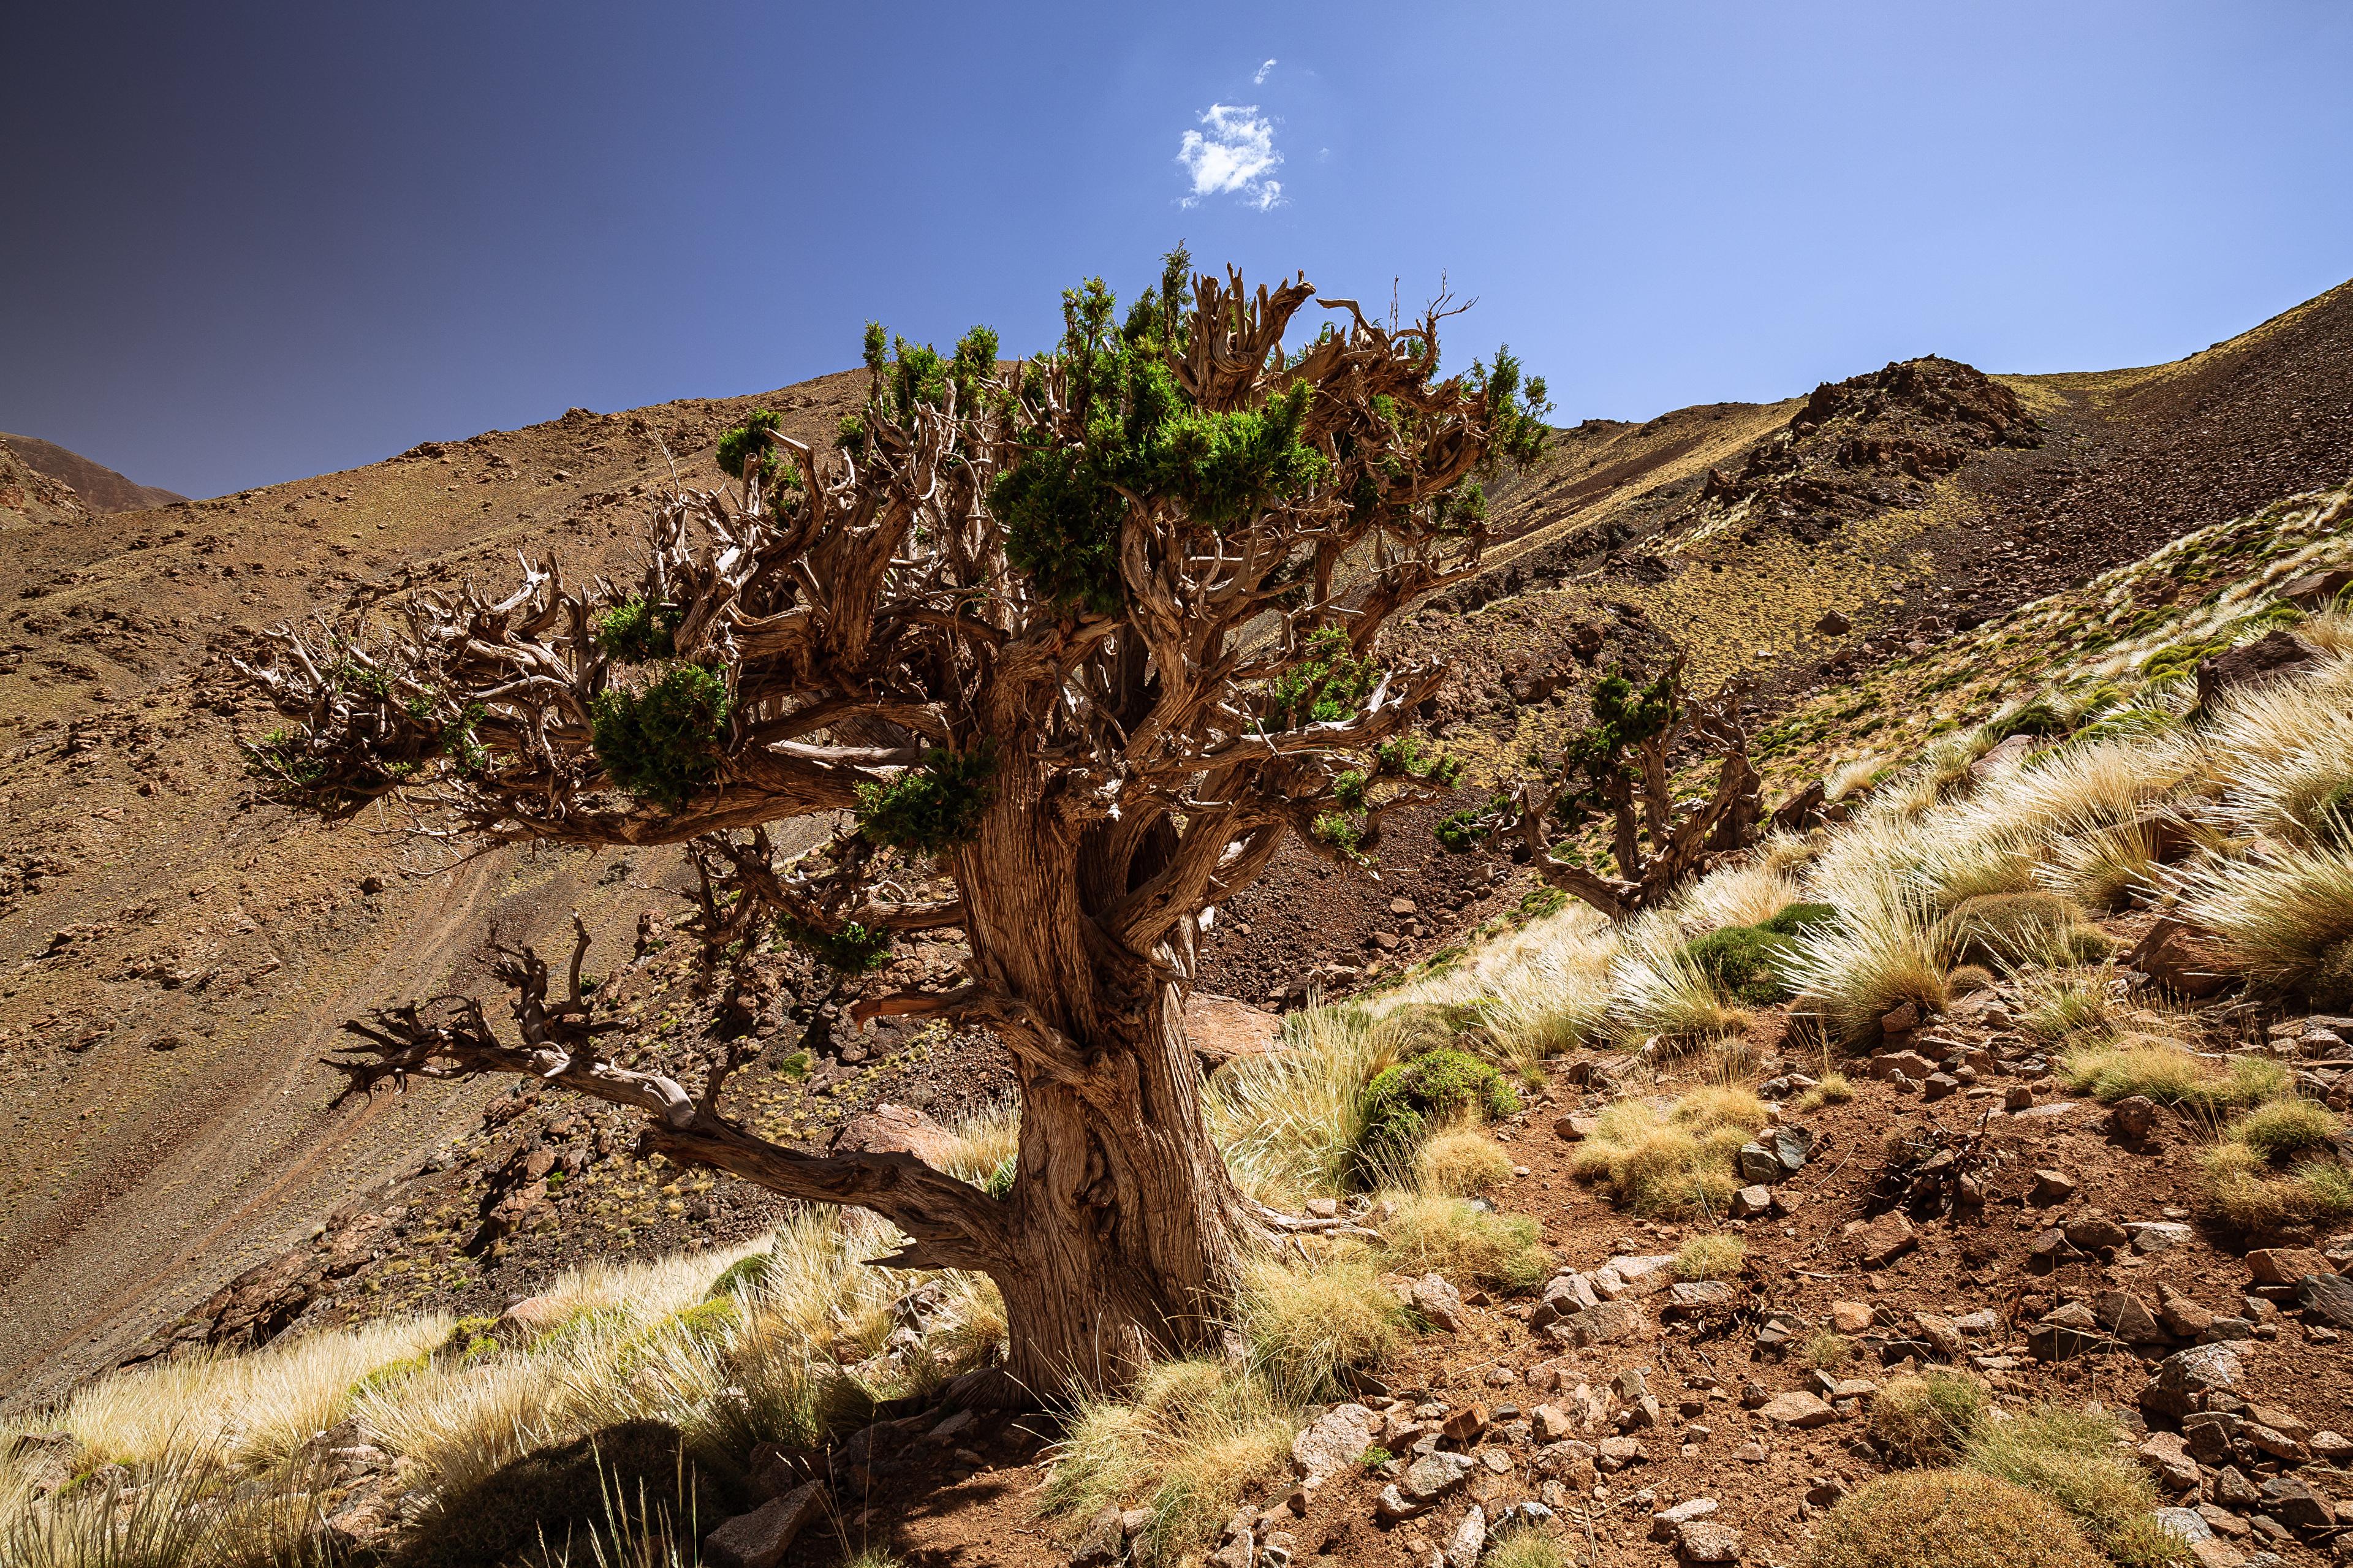 Обои для рабочего стола Африка Марокко Juniper Tree Природа Камни Деревья Камень дерево дерева деревьев